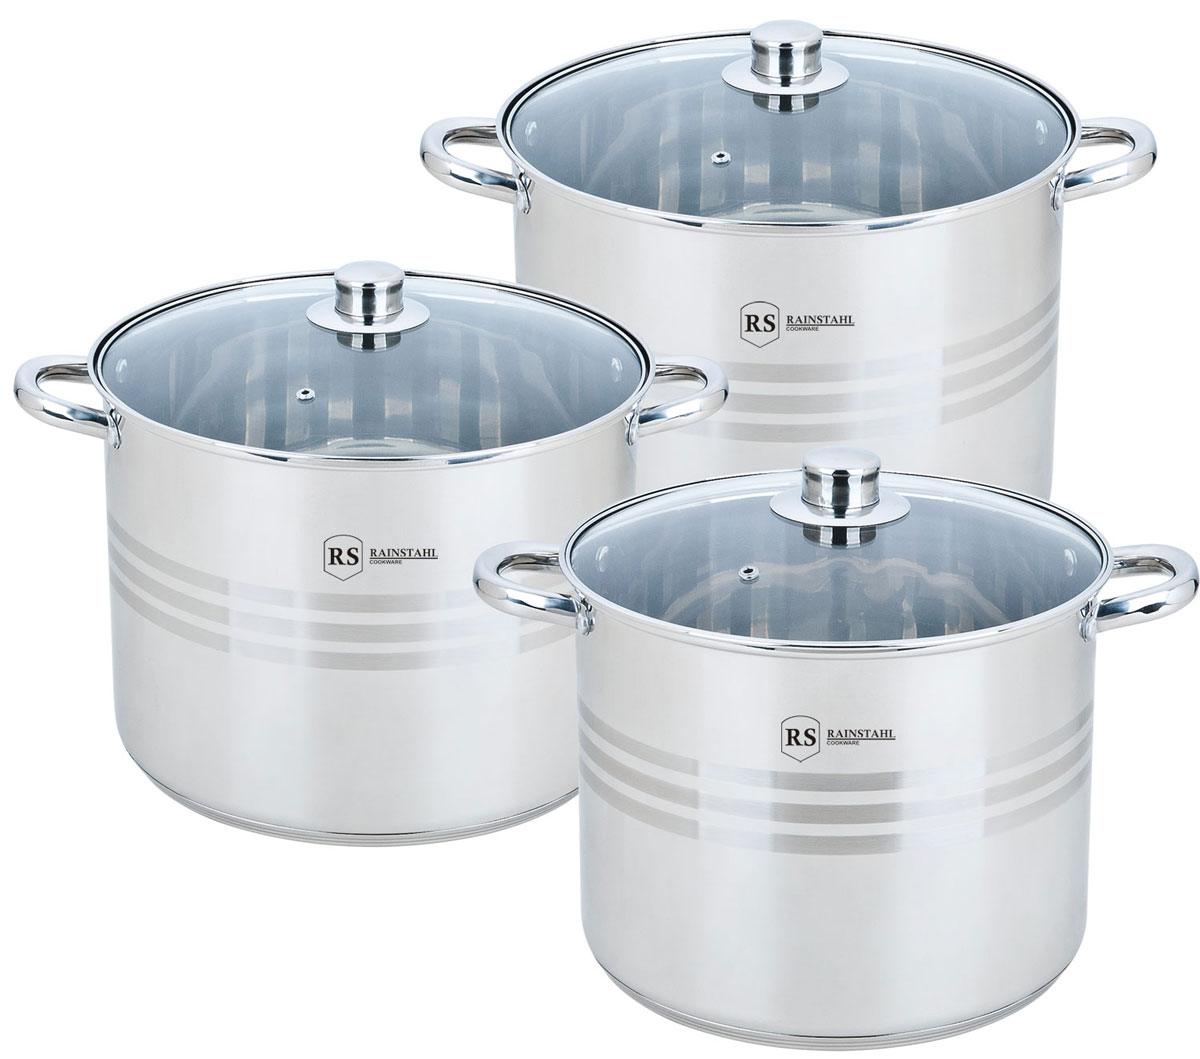 Набор посуды Rainstahl, цвет: стальной, 6 предметов. 2303-06RS/CW BKRDA-549Набор кастрюль Rainstahl прекрасно дополнит интерьер вашей кухни. Набор изготовлен изкачественного материала и состоит из 3 кастрюль разного объема с крышками. Набор кастрюльвыполнен из высококачественной нержавеющей стали. Каждая модель из набора имеет 3- шаговое термоаккумулирующее капсульное дно.Особенности модели: Кастрюли выполнены из нержавеющей стали, благодаря чему прослужат не один год.Наличие капсульного дна, которое быстро и равномерно накапливает тепло, и также равномернопередает его пище. Подходит для всех видов плит, включая индукцию. При создании набора использовалисьсовременные технологии изготовления посуды. Удобные ручки.Комплектация: кастрюля с крышкой 26 х 21 см. 11 л.; кастрюля с крышкой 28 х 22 см. 13,5 л.;кастрюля с крышкой 30 х 23 см. 16,2 л.